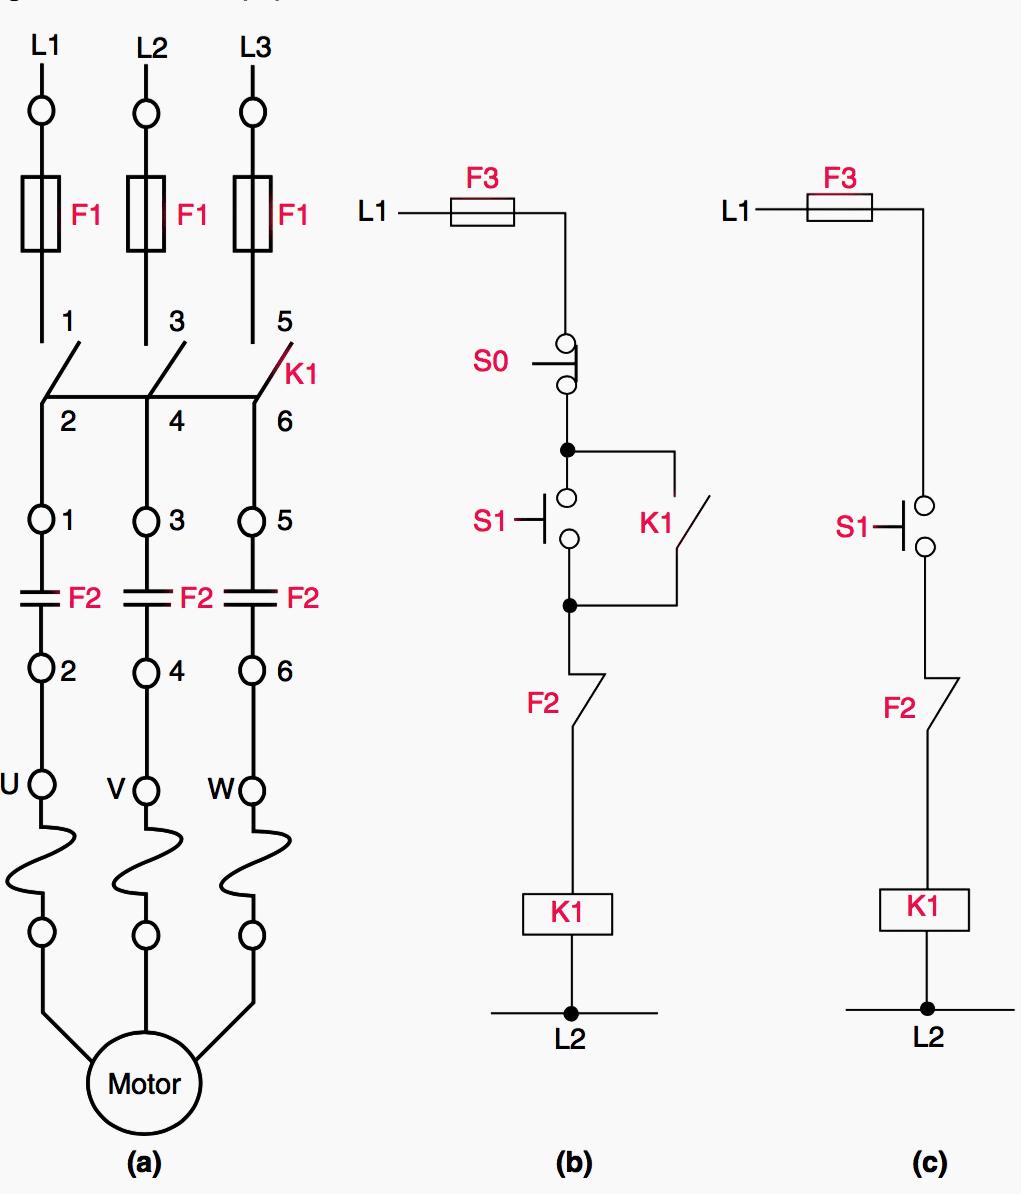 Rockwell 755 Vfd Wiring Diagram Schematic Diagrams Powerflex Schematics Vip Co At Rh Krakencraft